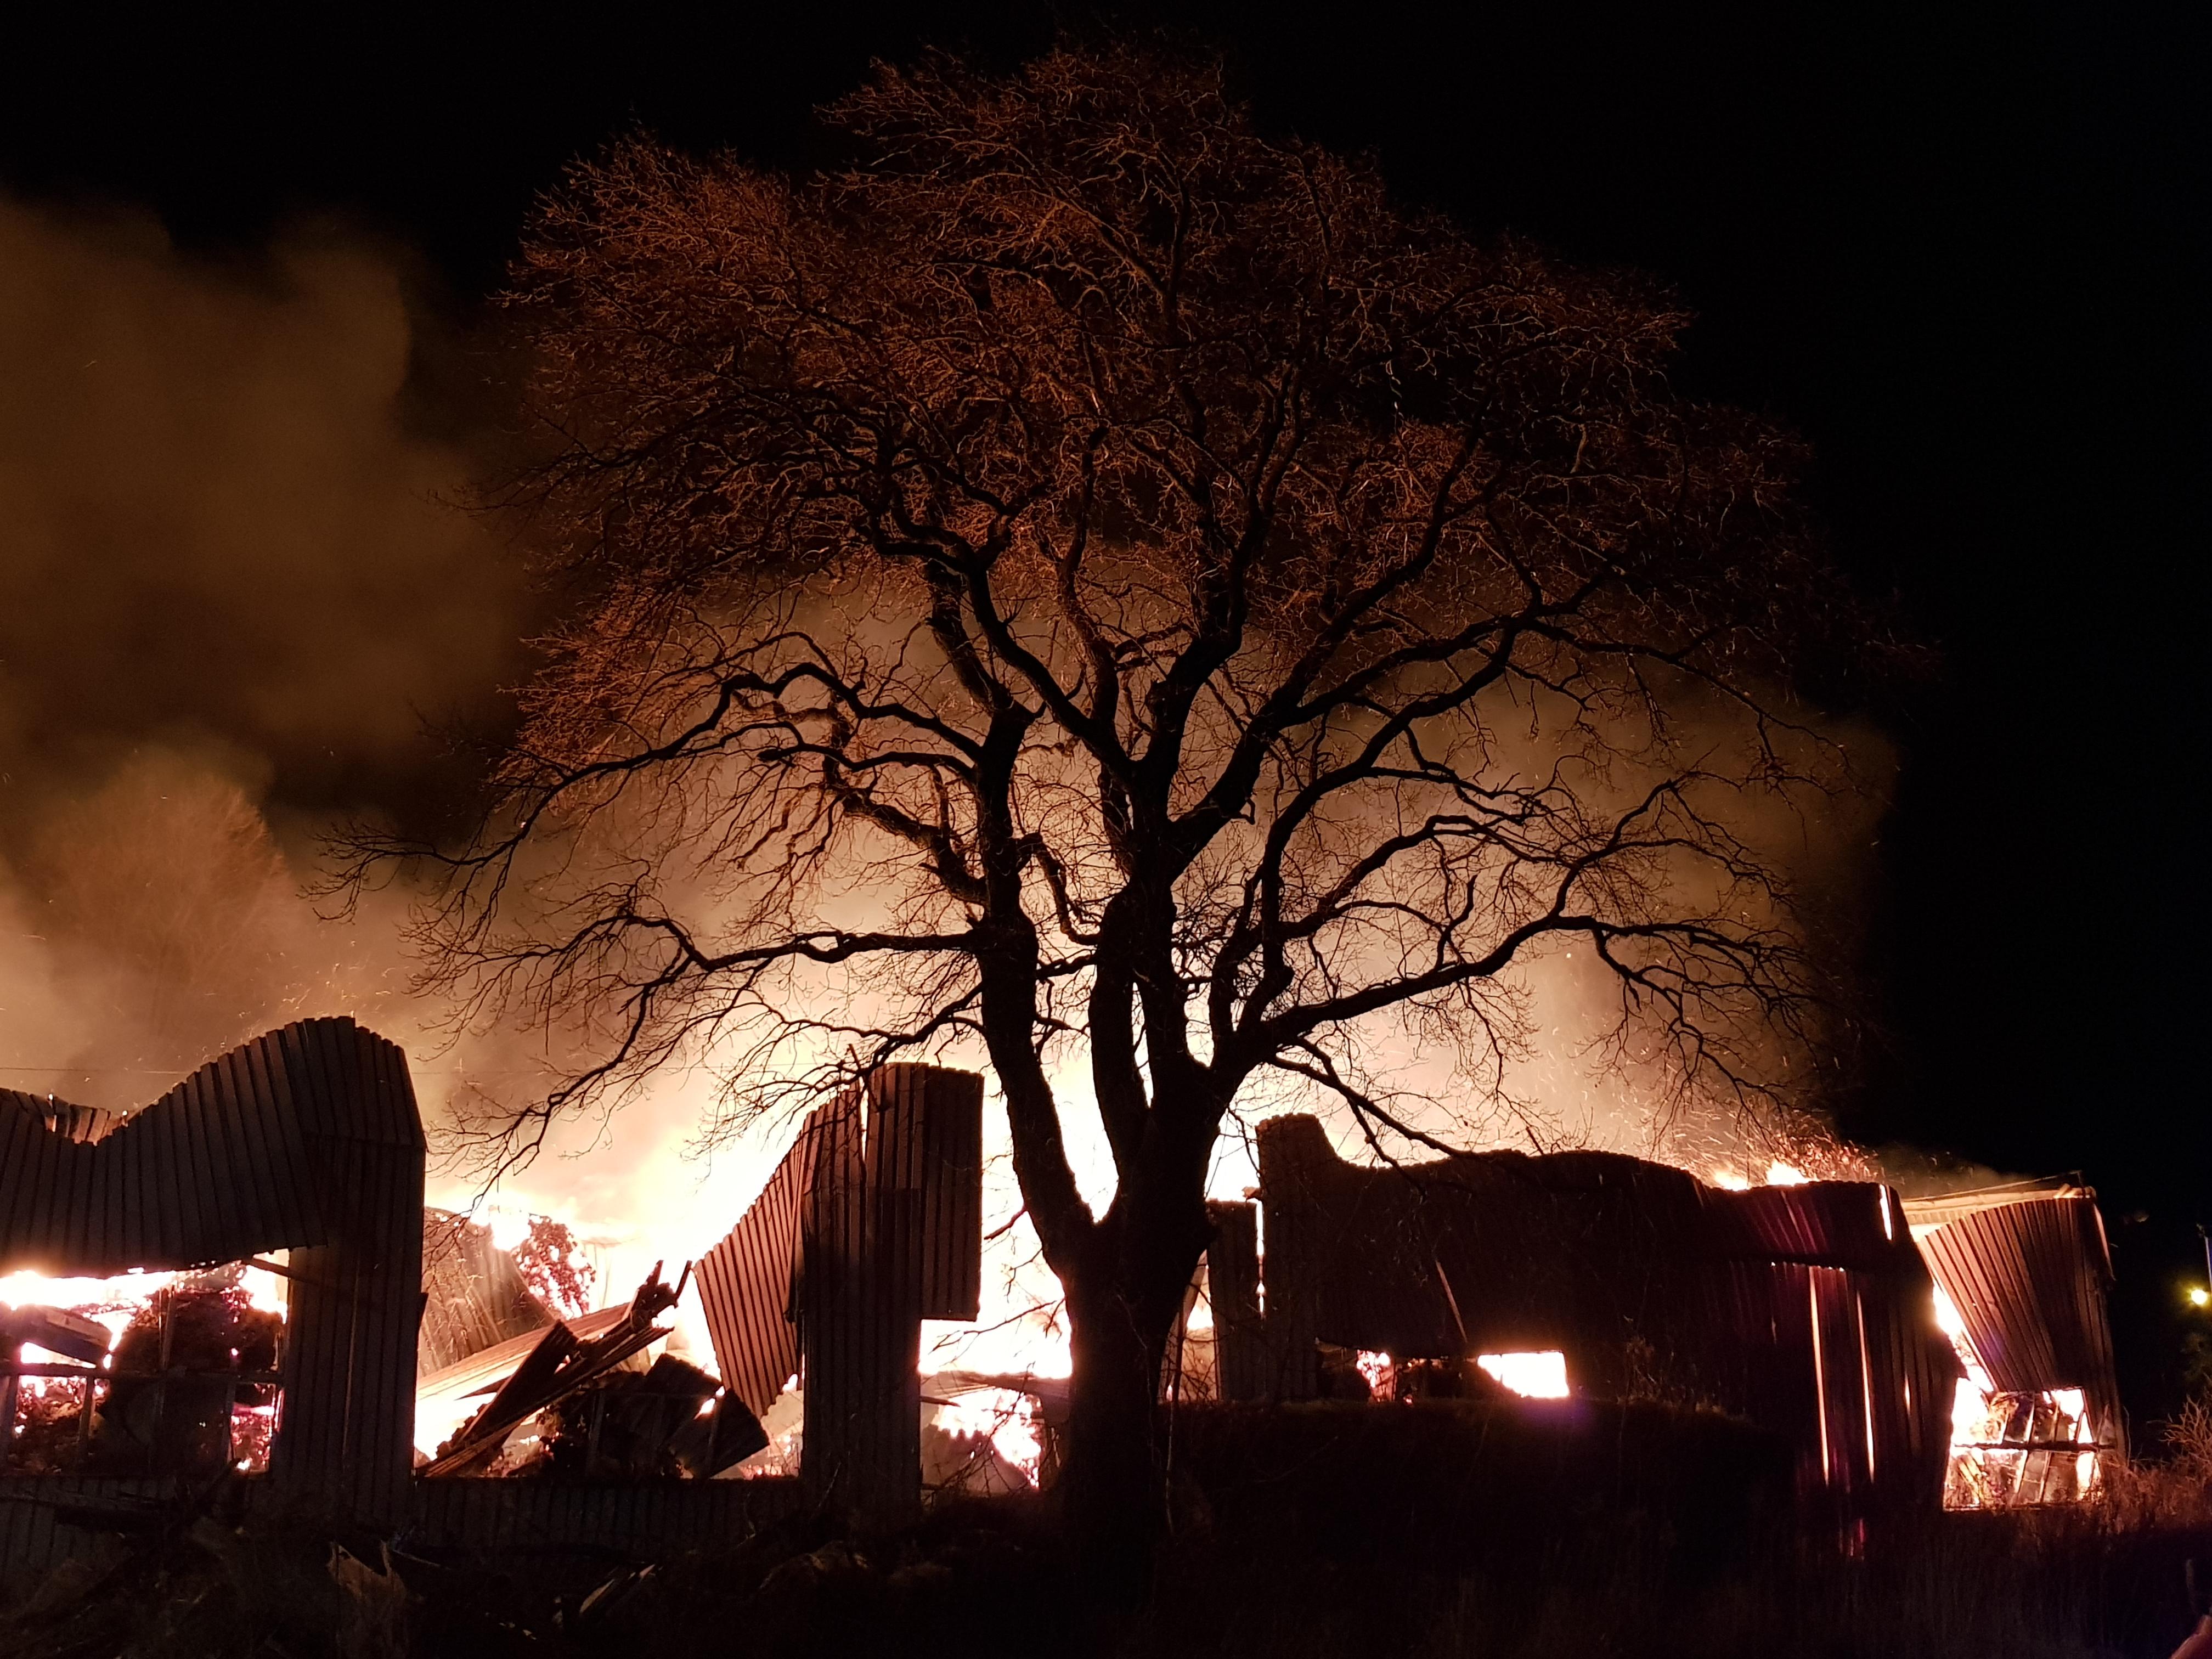 Ogromny pożar w Białogardzie! Przyczyną może być podpalenie. Foto Video!